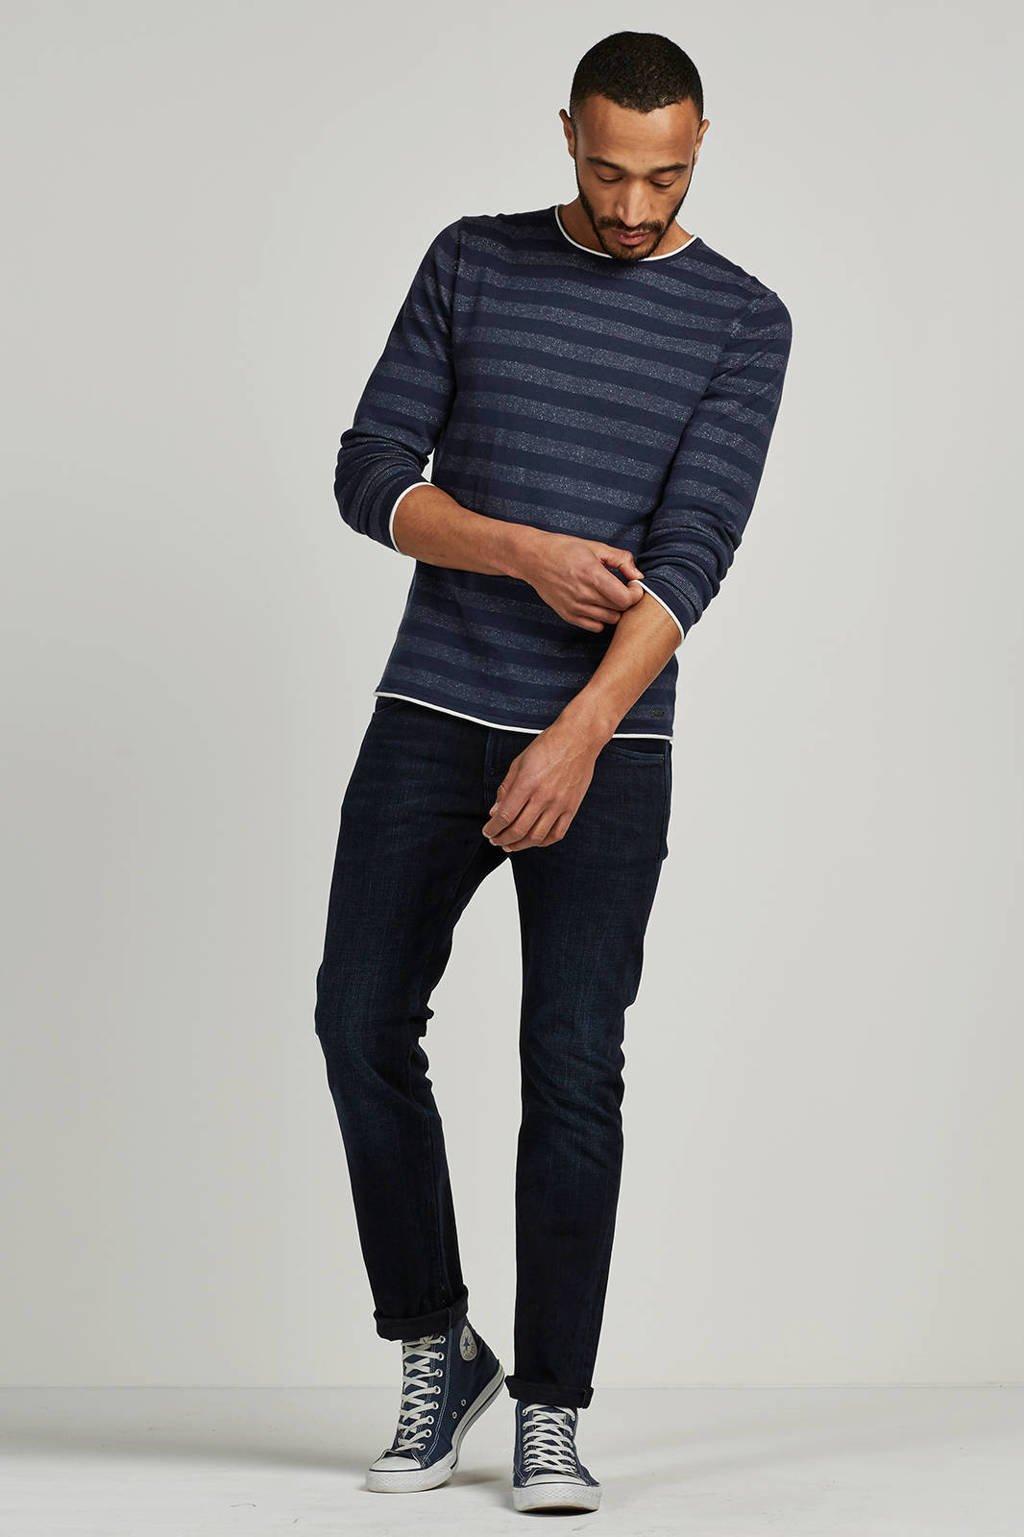 Tommy Hilfiger regular fit jeans Denton, 919 Blue black